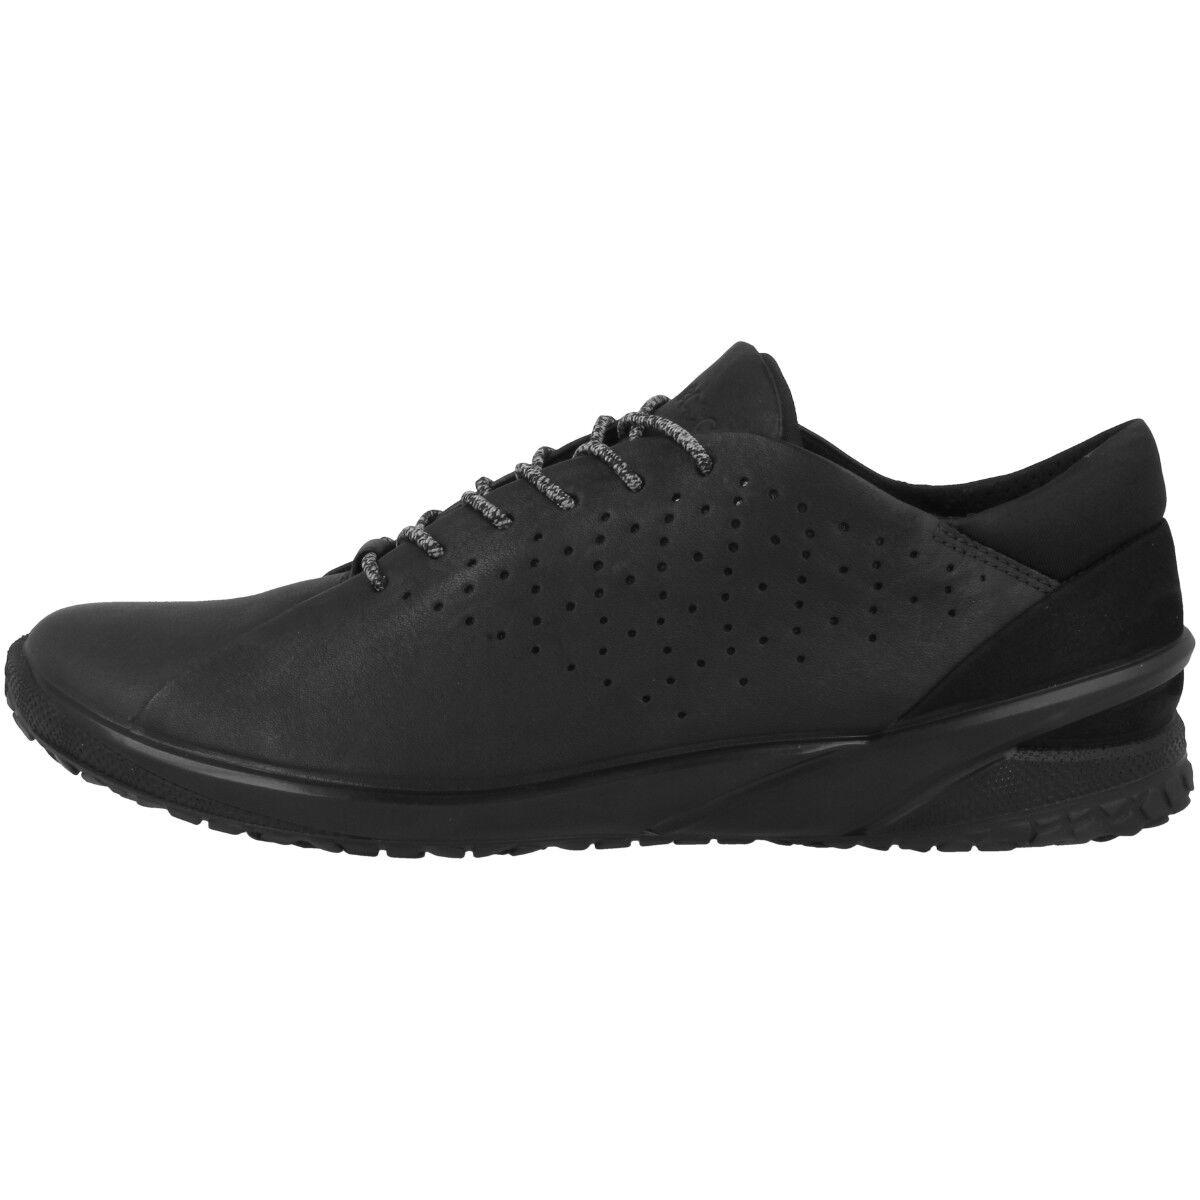 Ecco biom Life zapatos Natural Motion mujer cortos señora negro 880313-01001